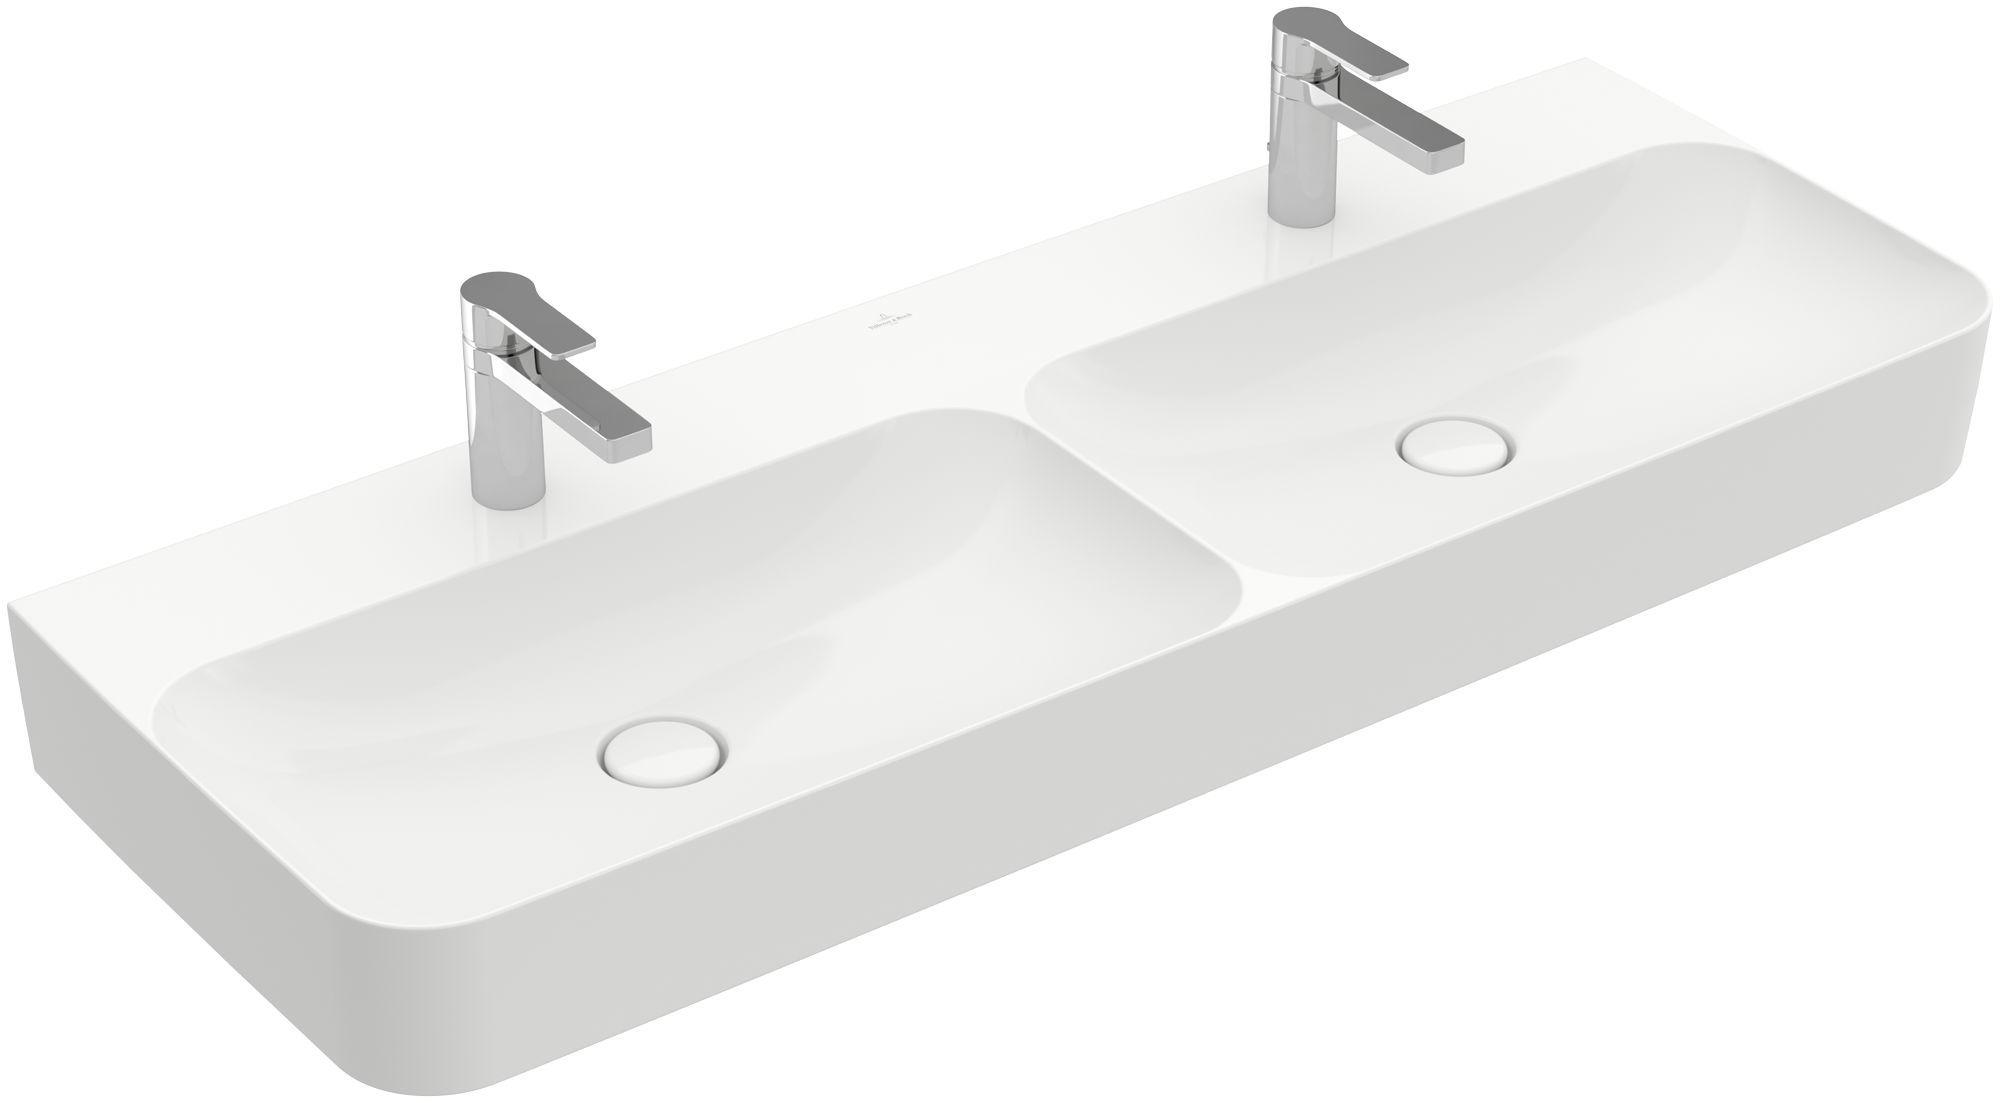 Villeroy & Boch Finion Doppelwaschtisch ohne Überlauf 2x1 Hahnloch B:130xT:47cm ohne Überlauf 2x1 Hahnloch weiß Ceramicplus 4139DGR1